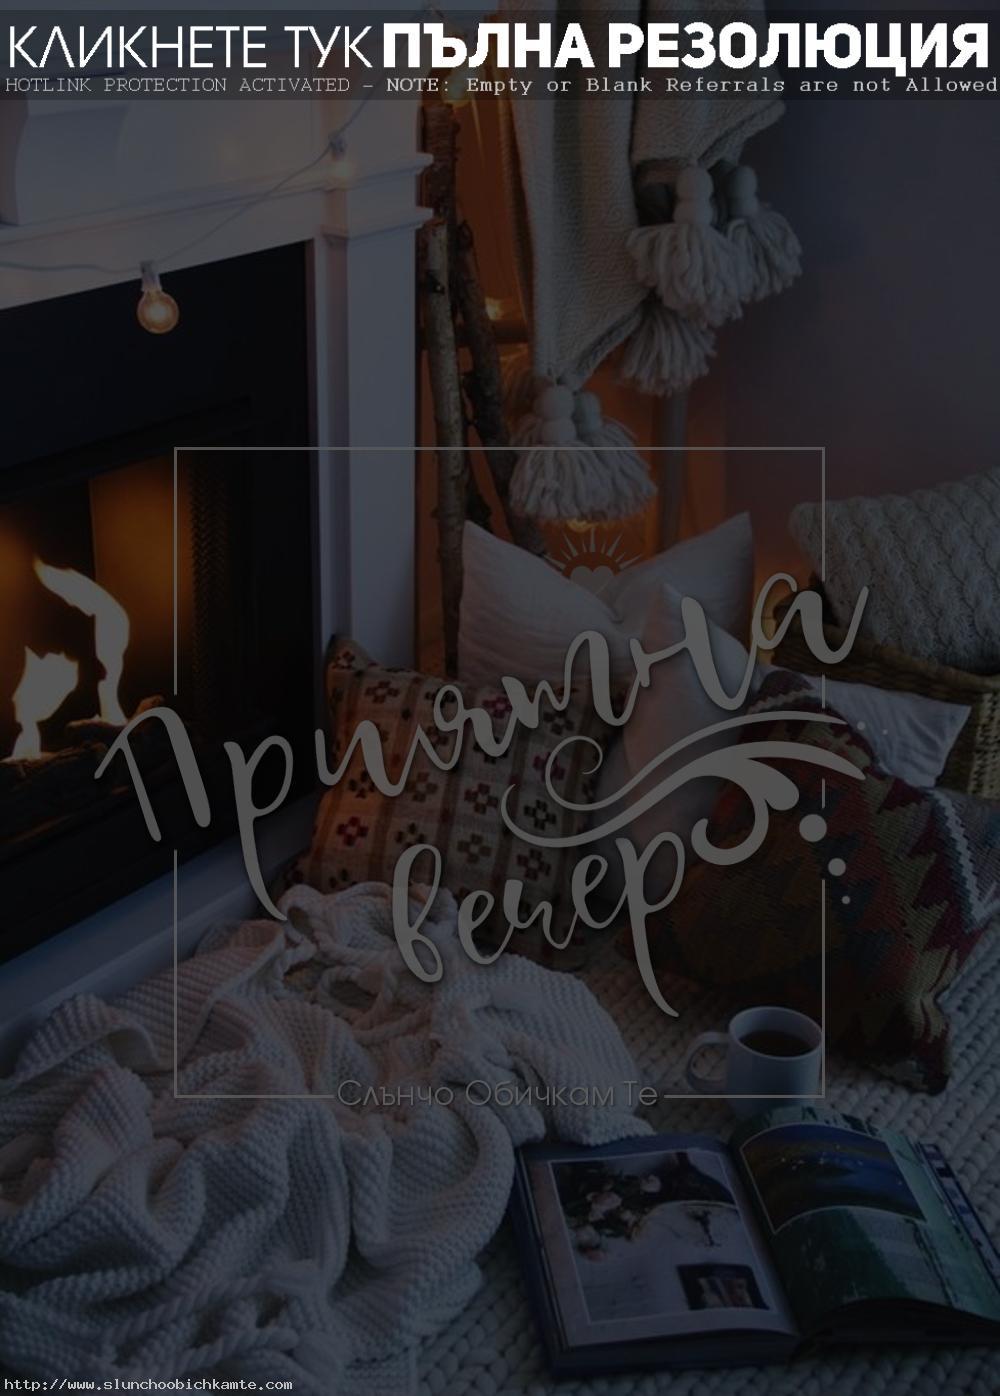 Приятна декемврийска вечер - Картички за приятна вечер приятели, хубава вечер, уют, комфорт, топла атмосфера до камината